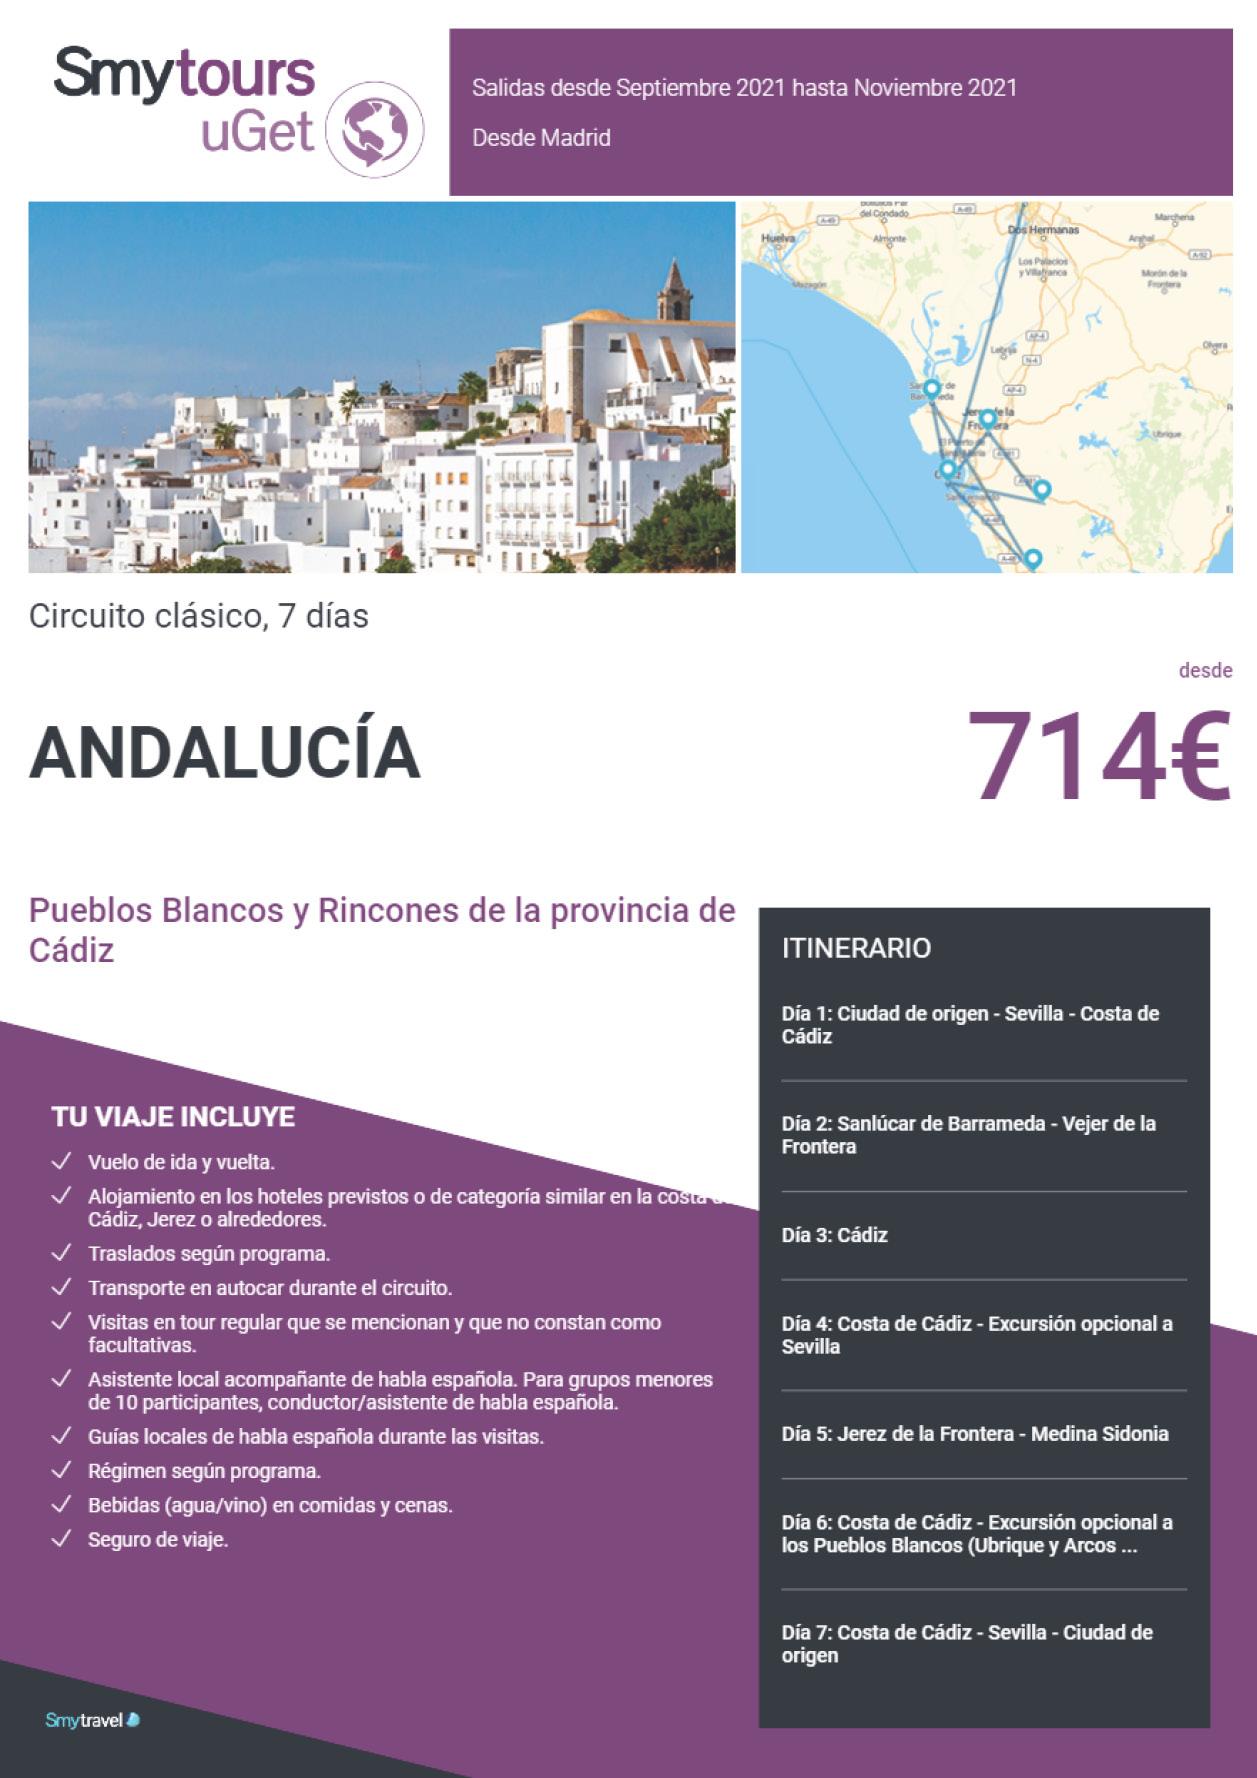 Oferta Smytravel Circuito Rías Pueblos Blancos y Rincones de Cadiz 7 dias salidas Madrid desde 714 €